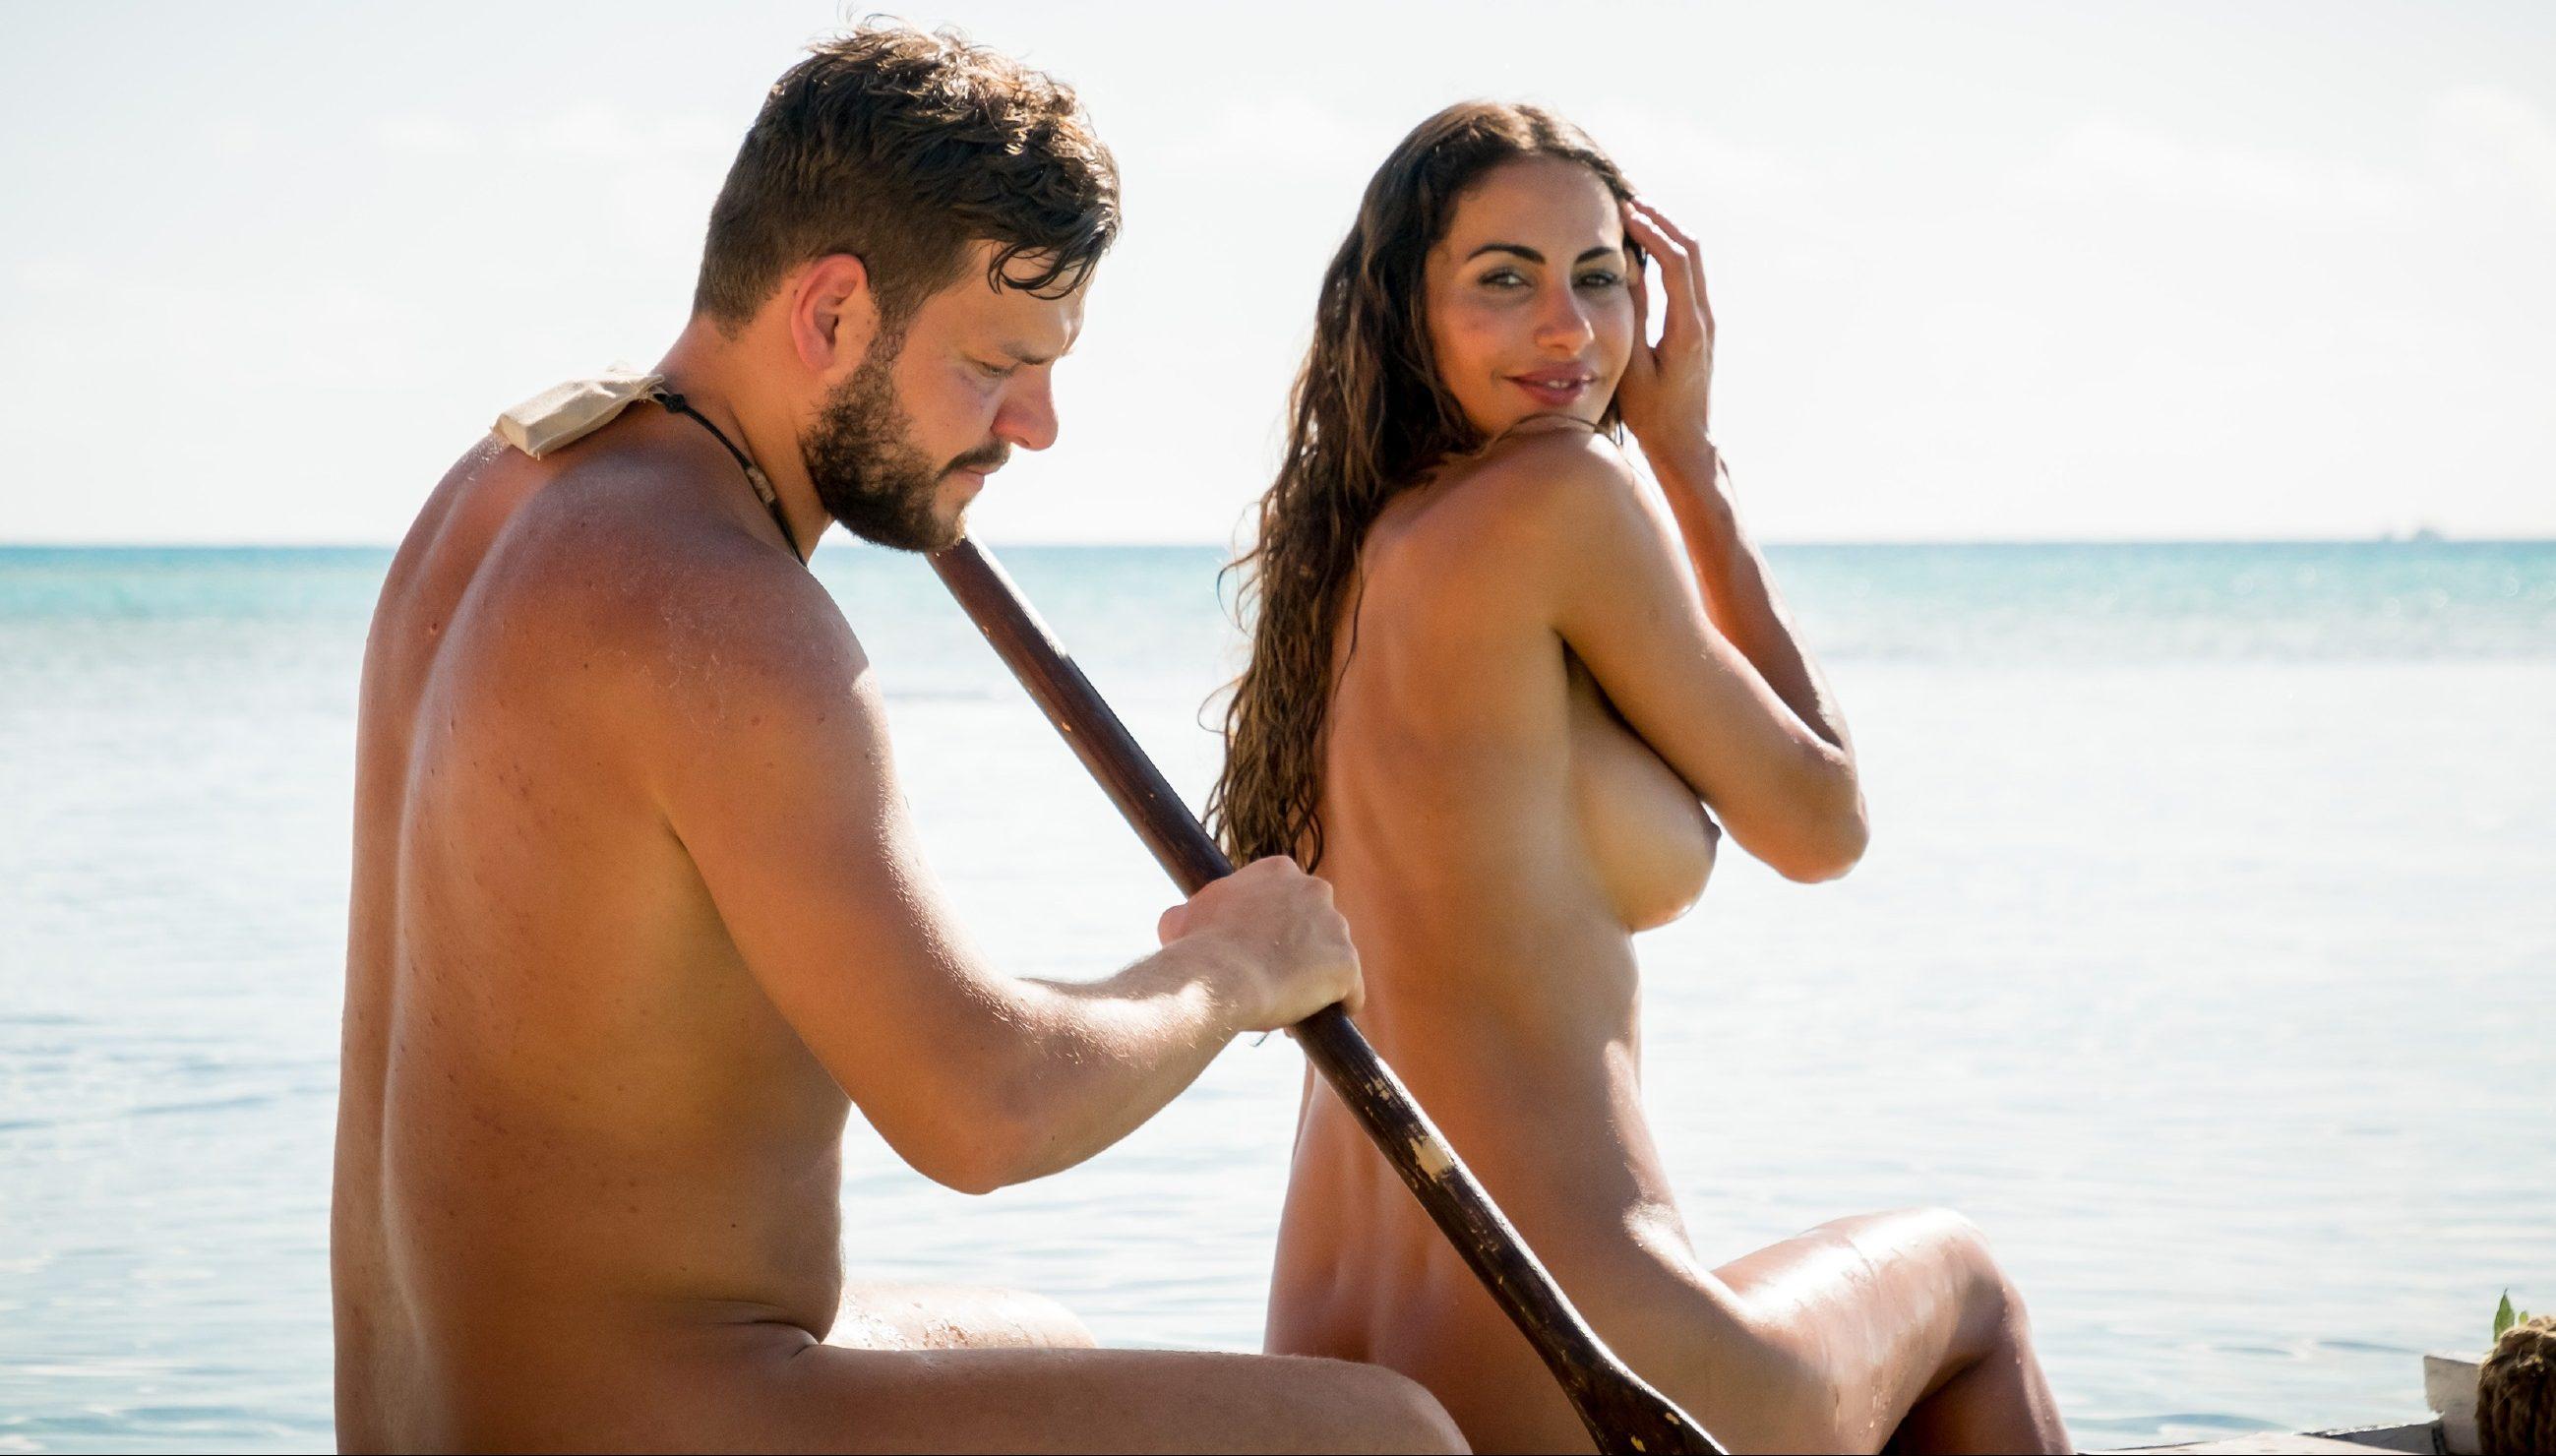 Kushtrim und Janina Youssfian auf dem Weg zu Insel der Liebe